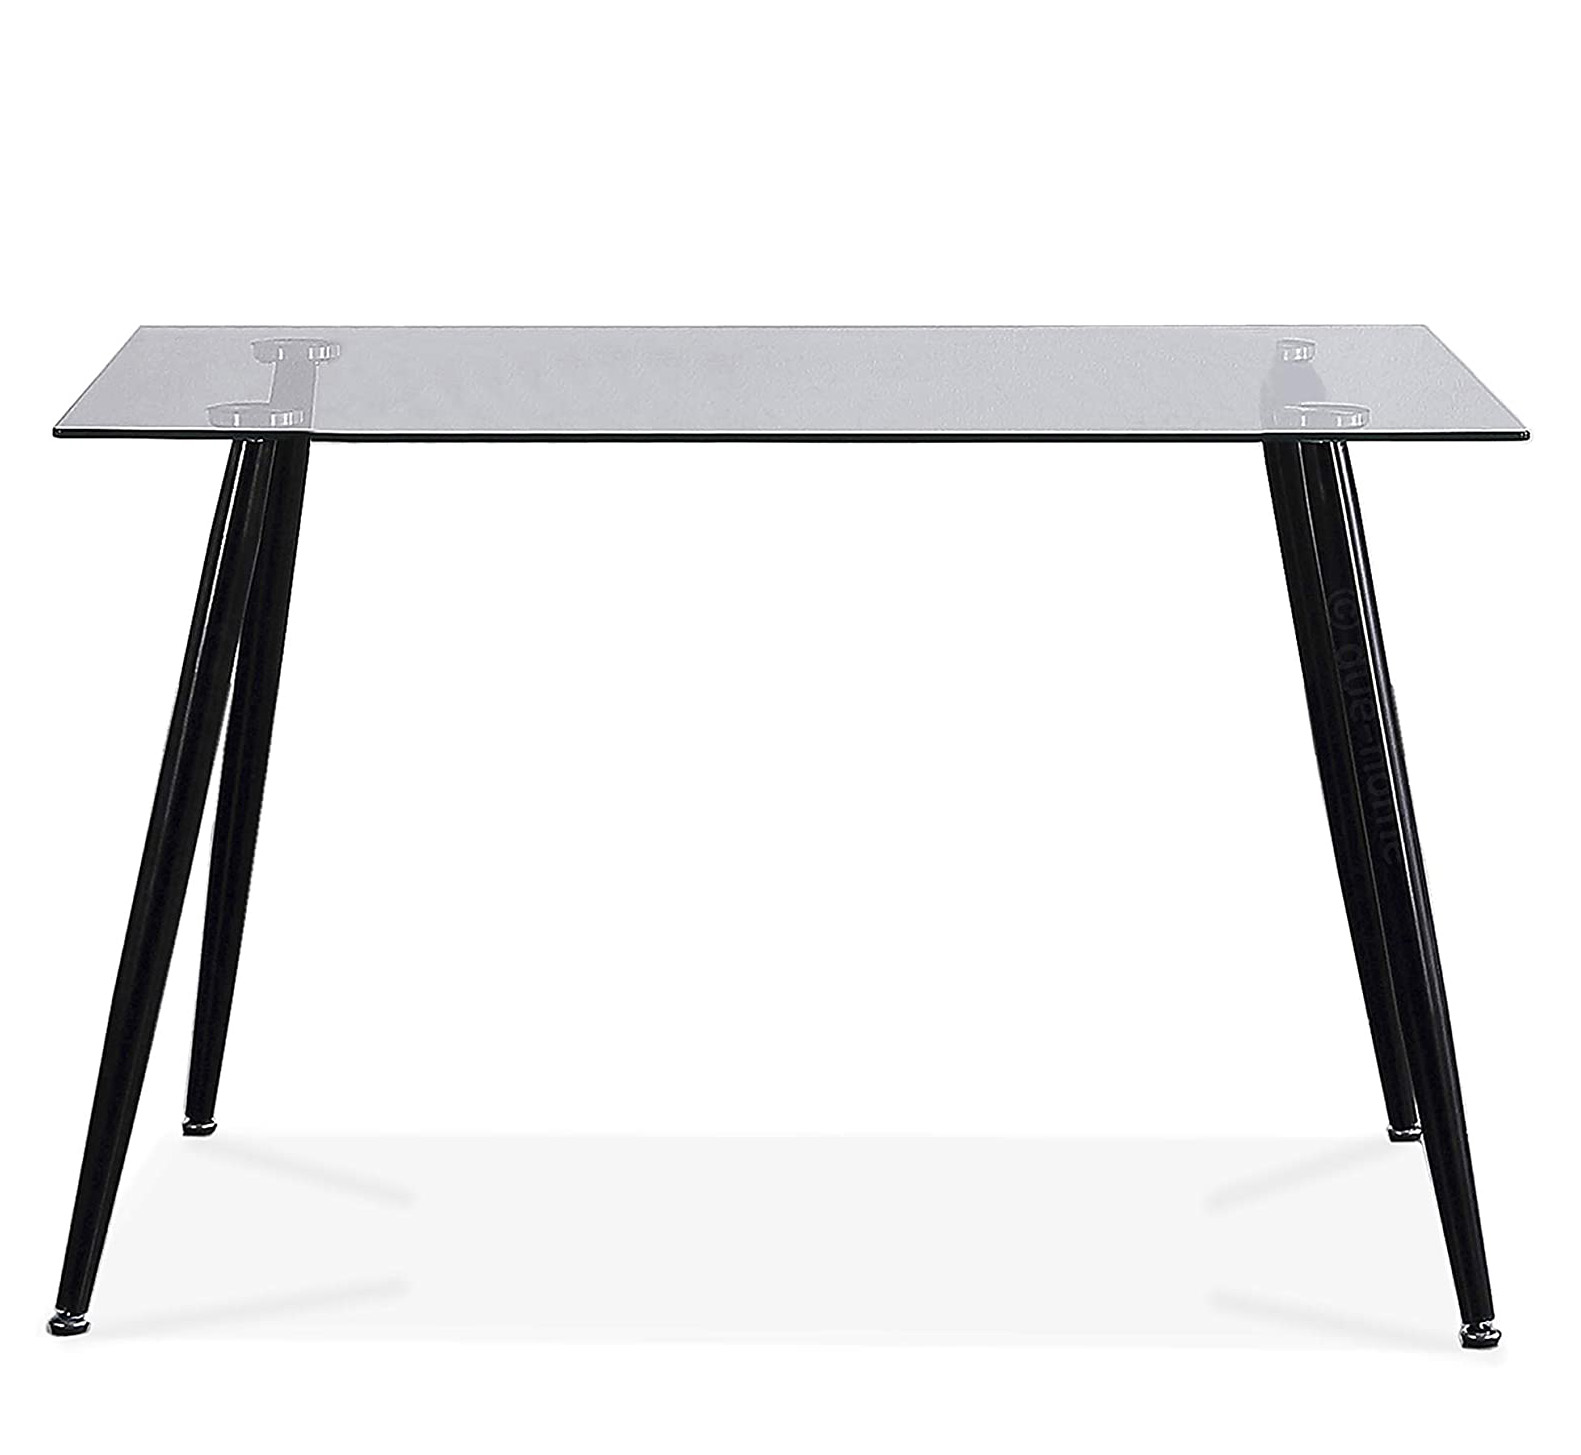 Mesa transparente escandinava de cristal para comedor oficina cocina salón moderna y barata tienda online de artículos transparentes